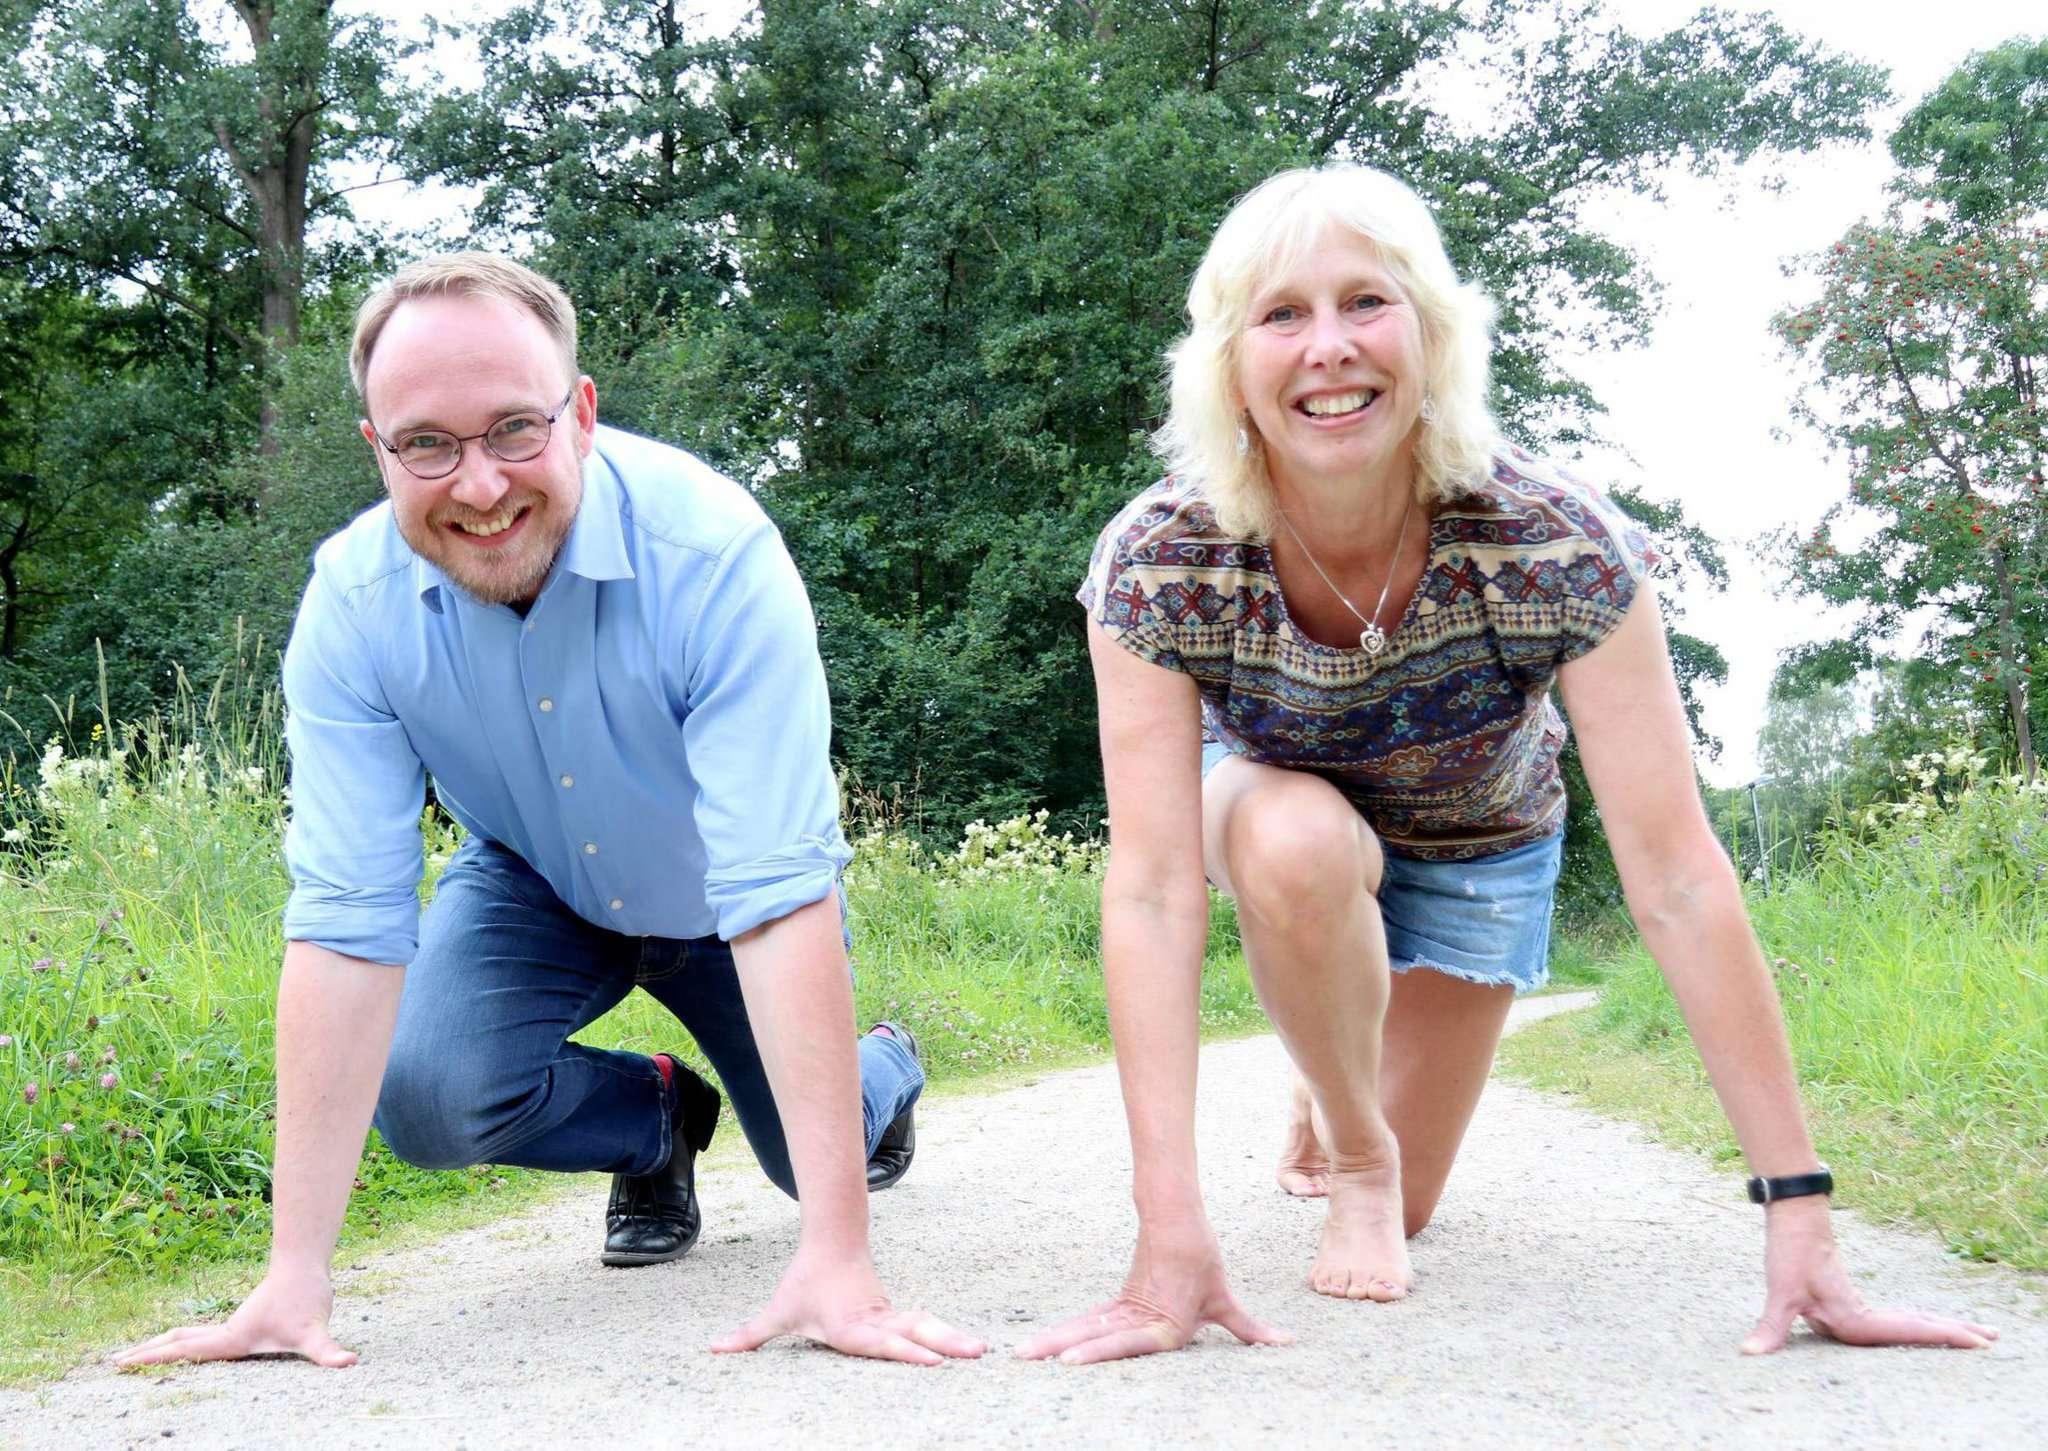 Gemeinwesensarbeiter Christian Oddoy und Irene Wachtmann vom Verein Freilauf Visselhövede stehen für den Spendenlauf in den Startlöchern. Foto: Nina Baucke